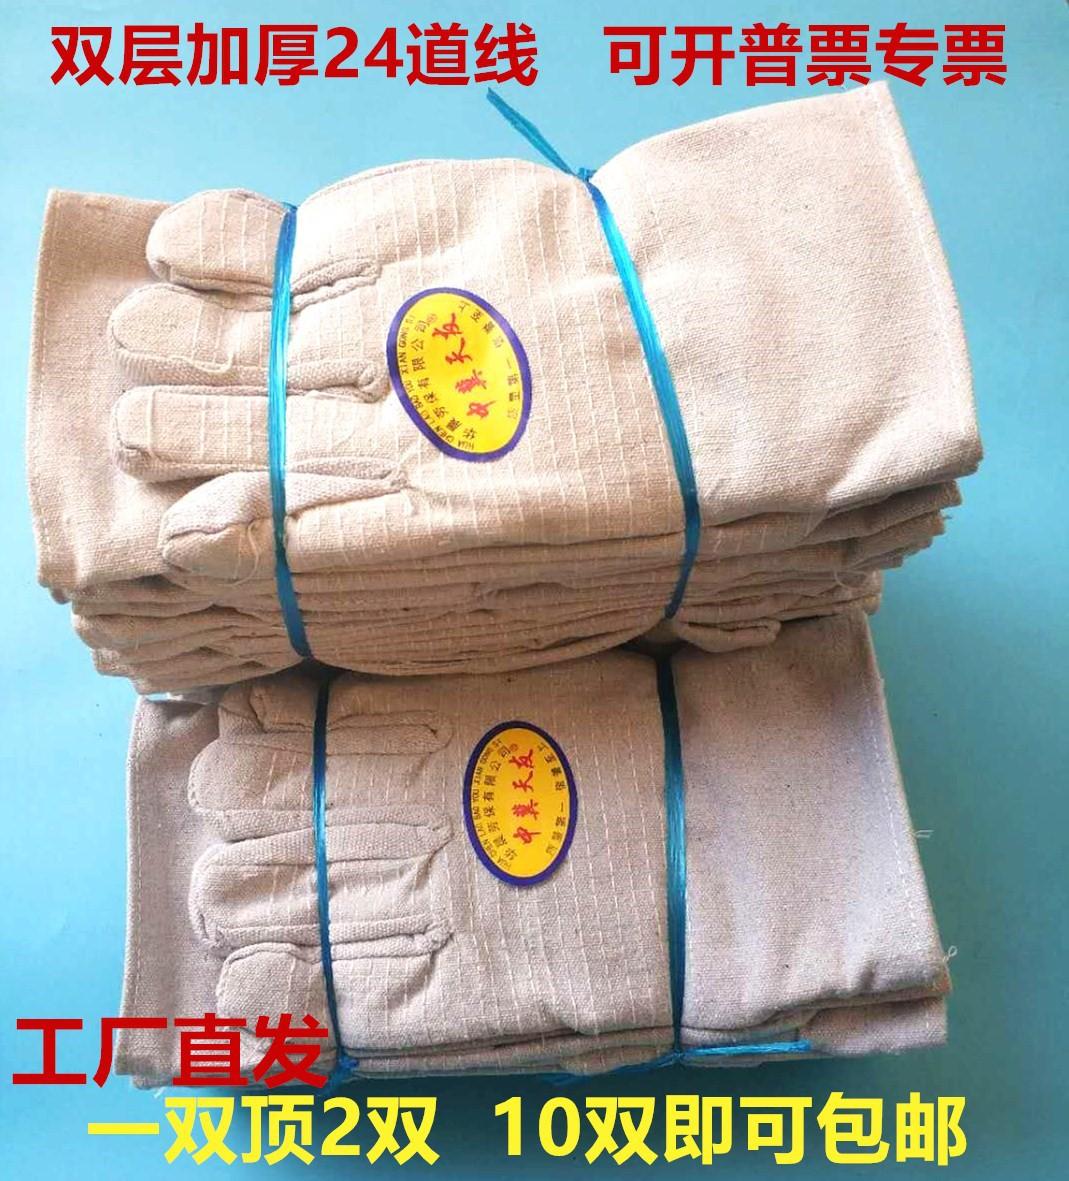 24线双层加厚帆布作业手套电焊机械劳保耐磨全衬批棉布发防护用品